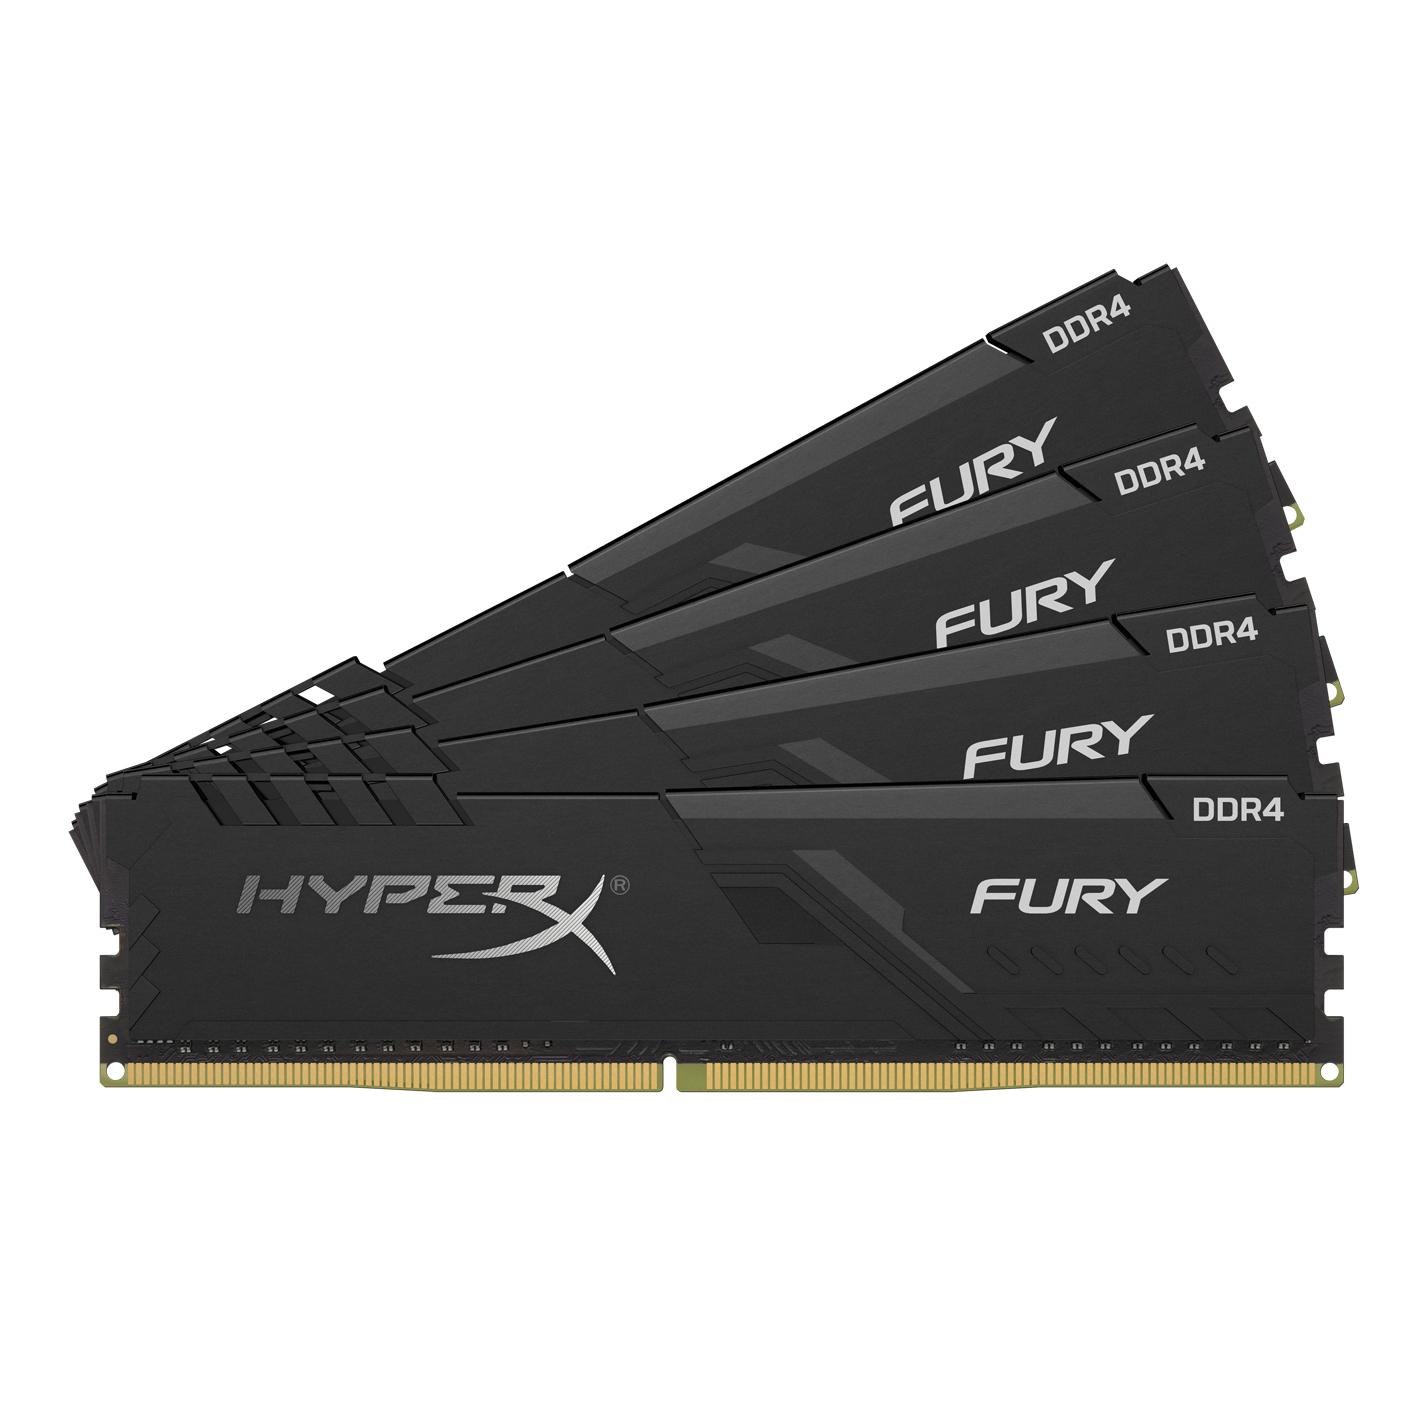 HyperX FURY HX434C16FB3K4/32 memory module 32 GB DDR4 3466 MHz